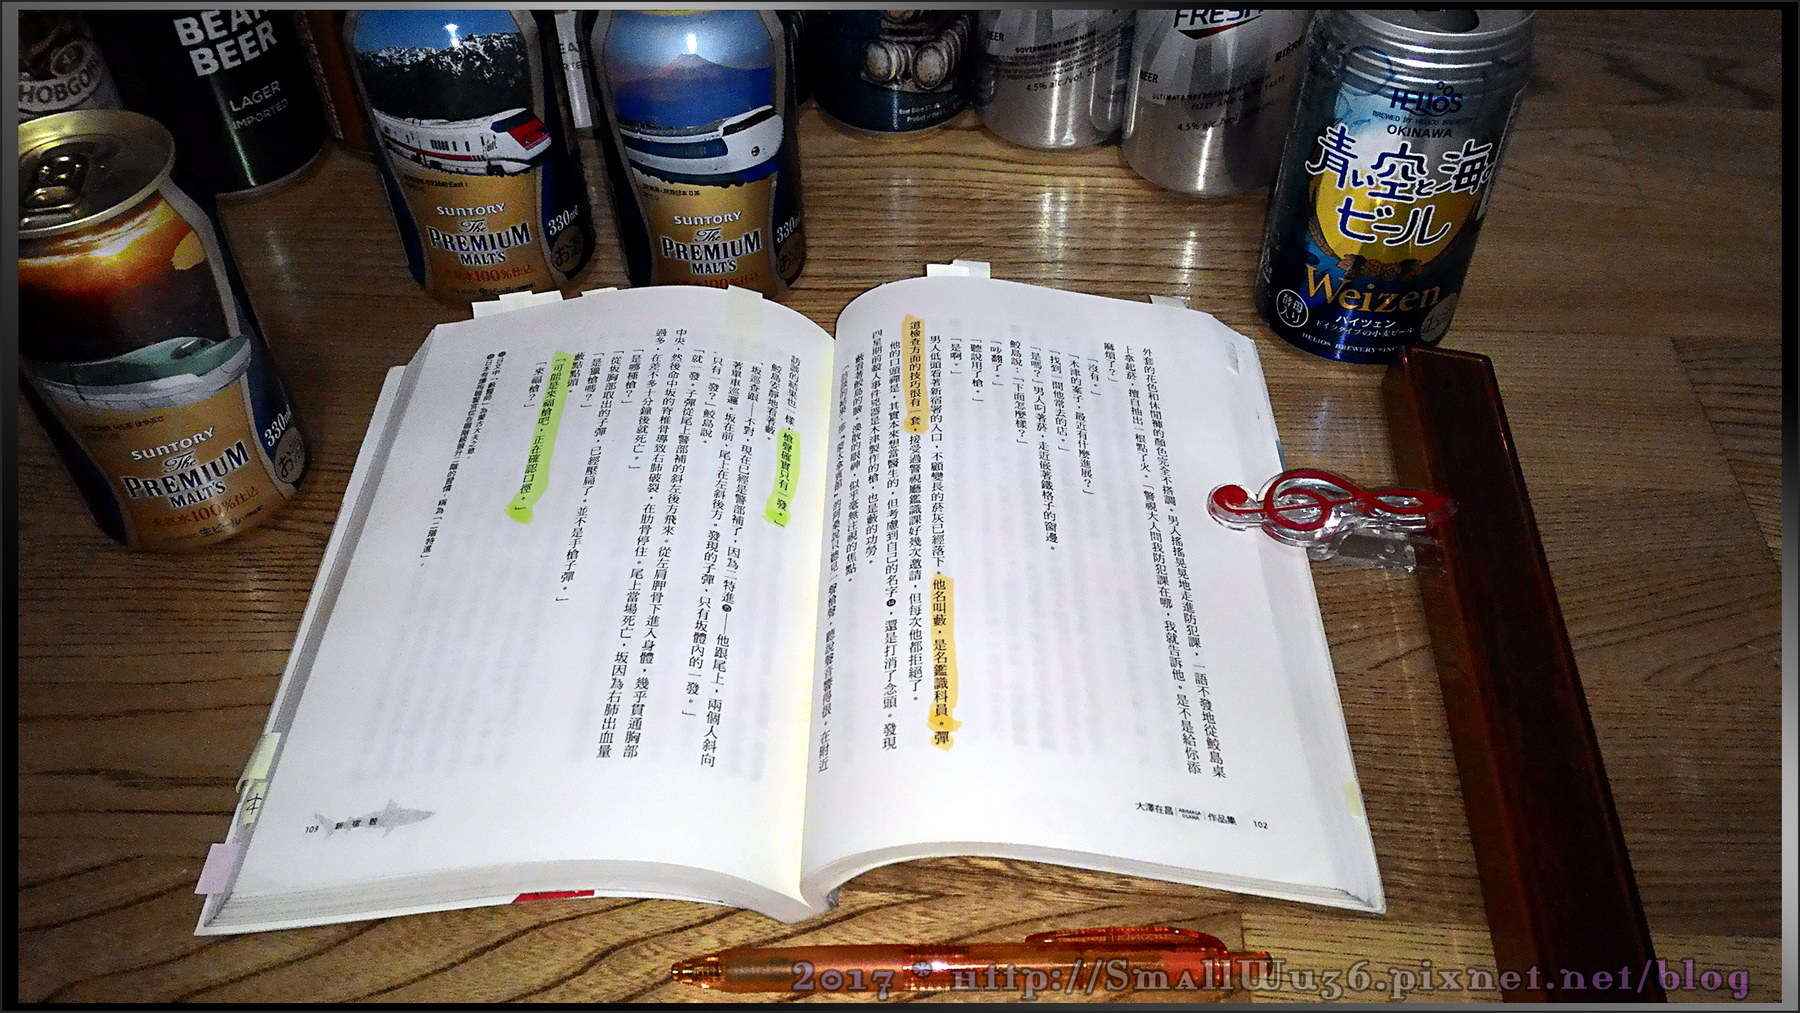 [小說感想] 大澤在昌(大沢在昌)《新宿鮫》(新宿鮫系列1),皇冠文化-003.jpg